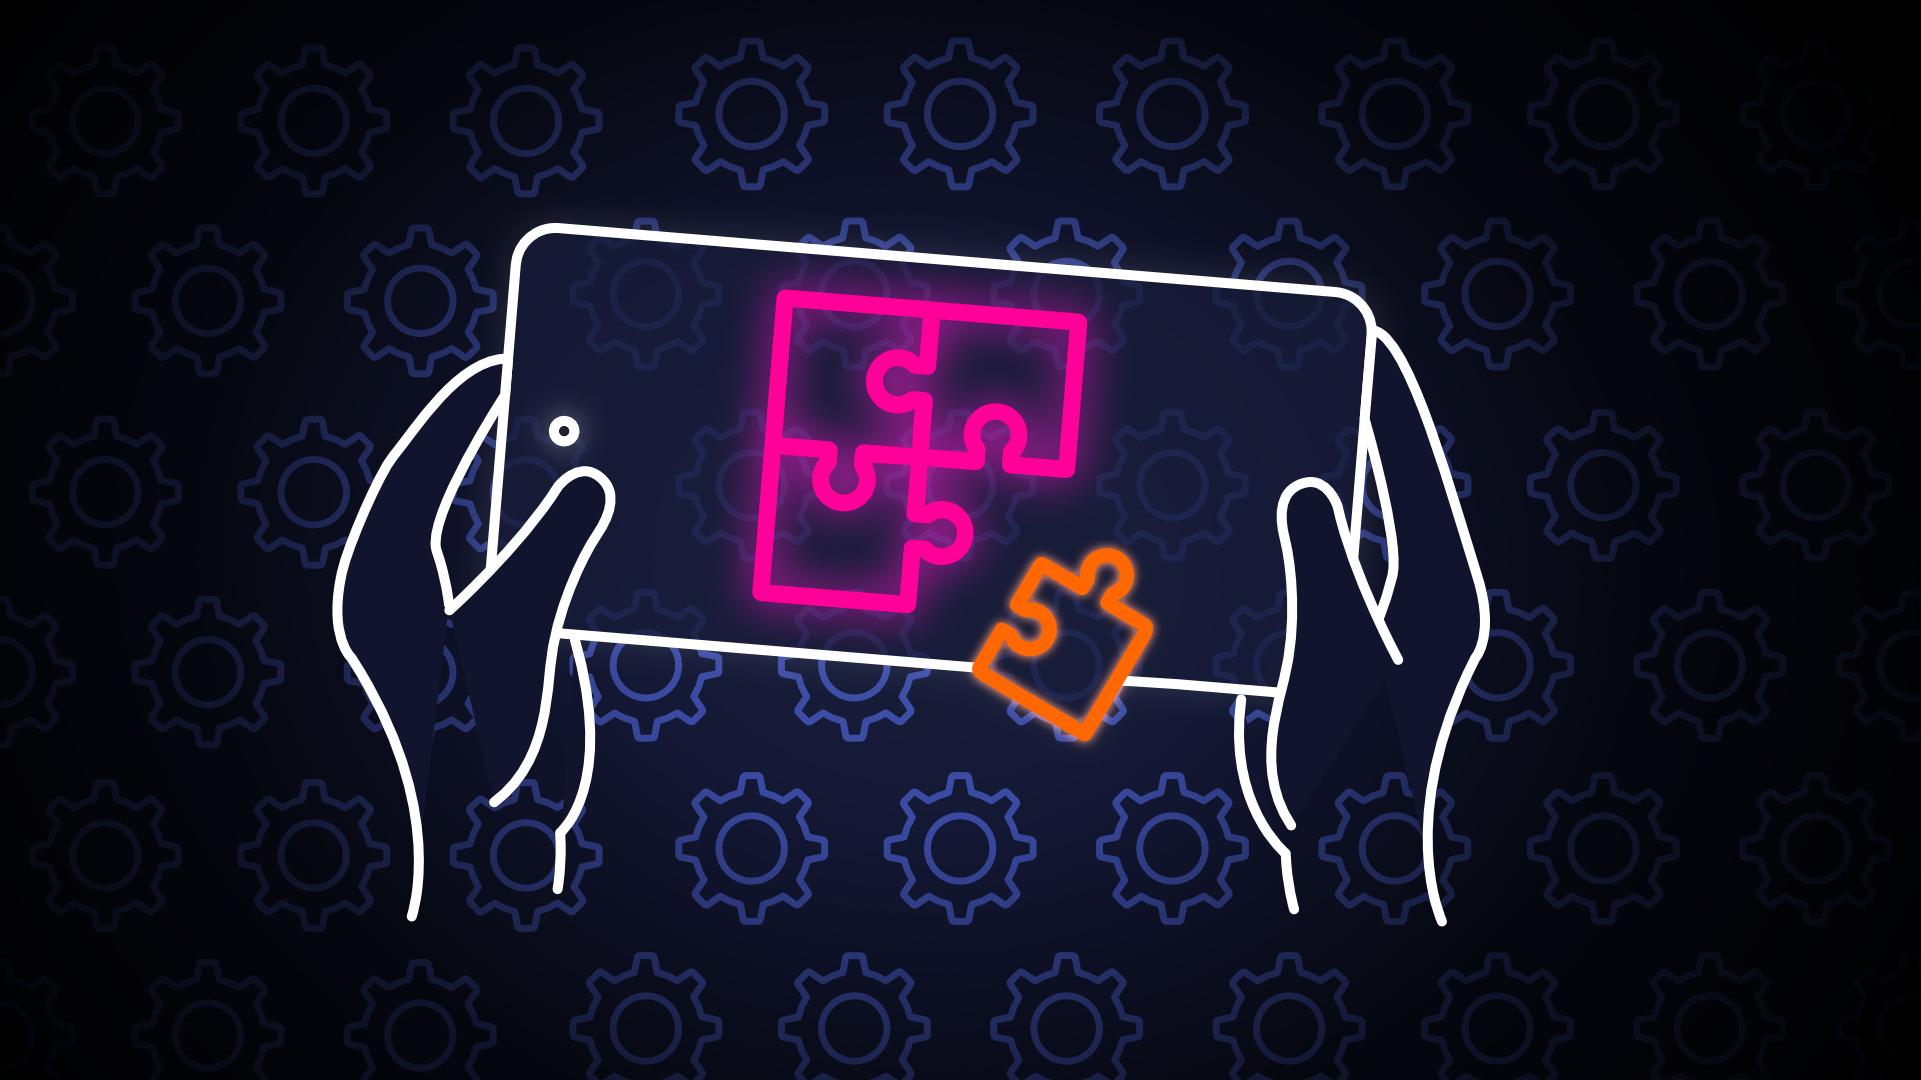 Les Meilleurs Jeux De Réflexion Gratuits Et Payants Sur Android destiné Tout Les Jeux De Fille Gratuit